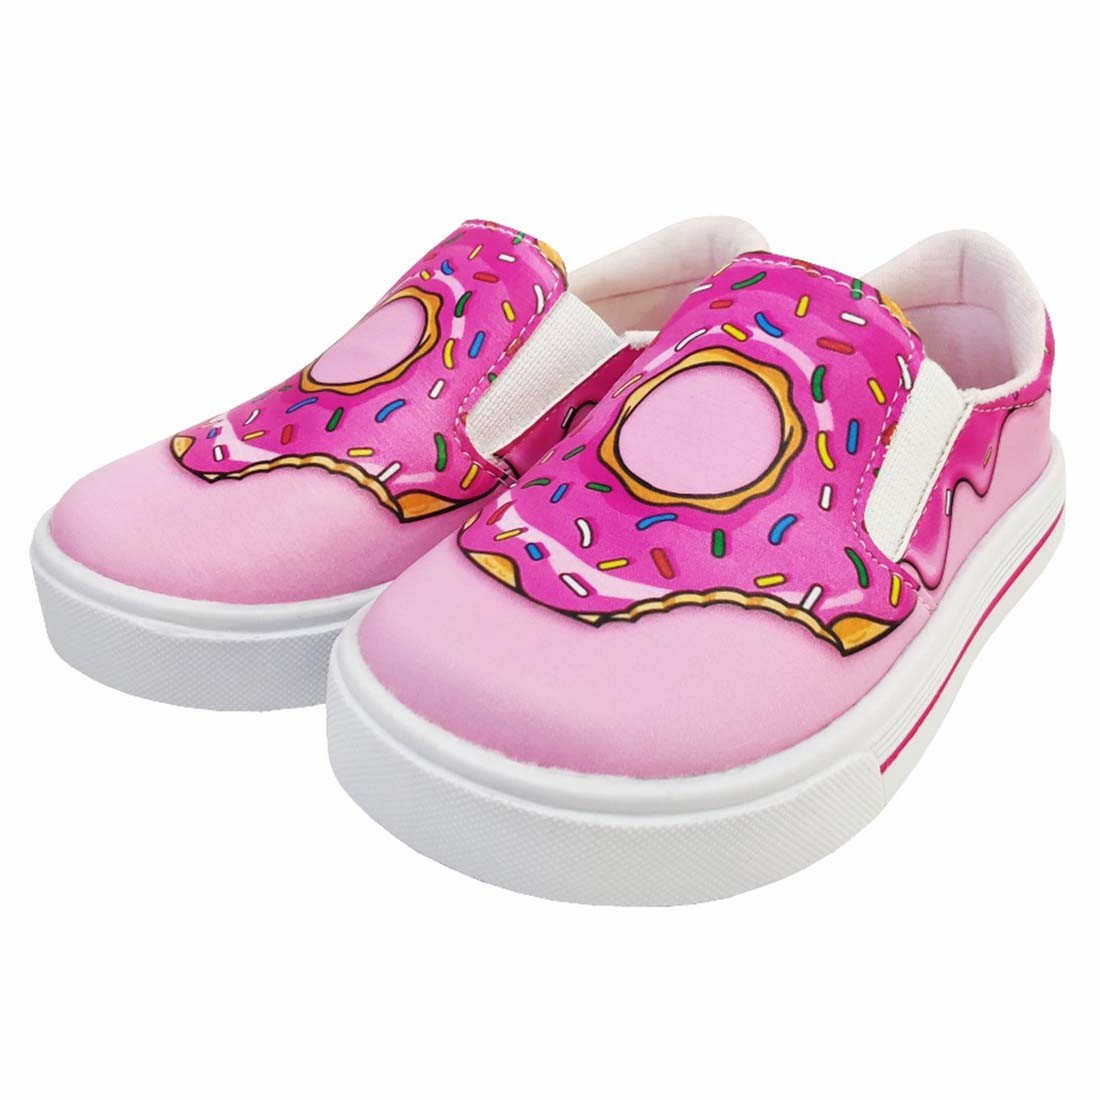 Kit Infantil Feminino Tênis Iate e Bolsa Donut's, Magicc Kids